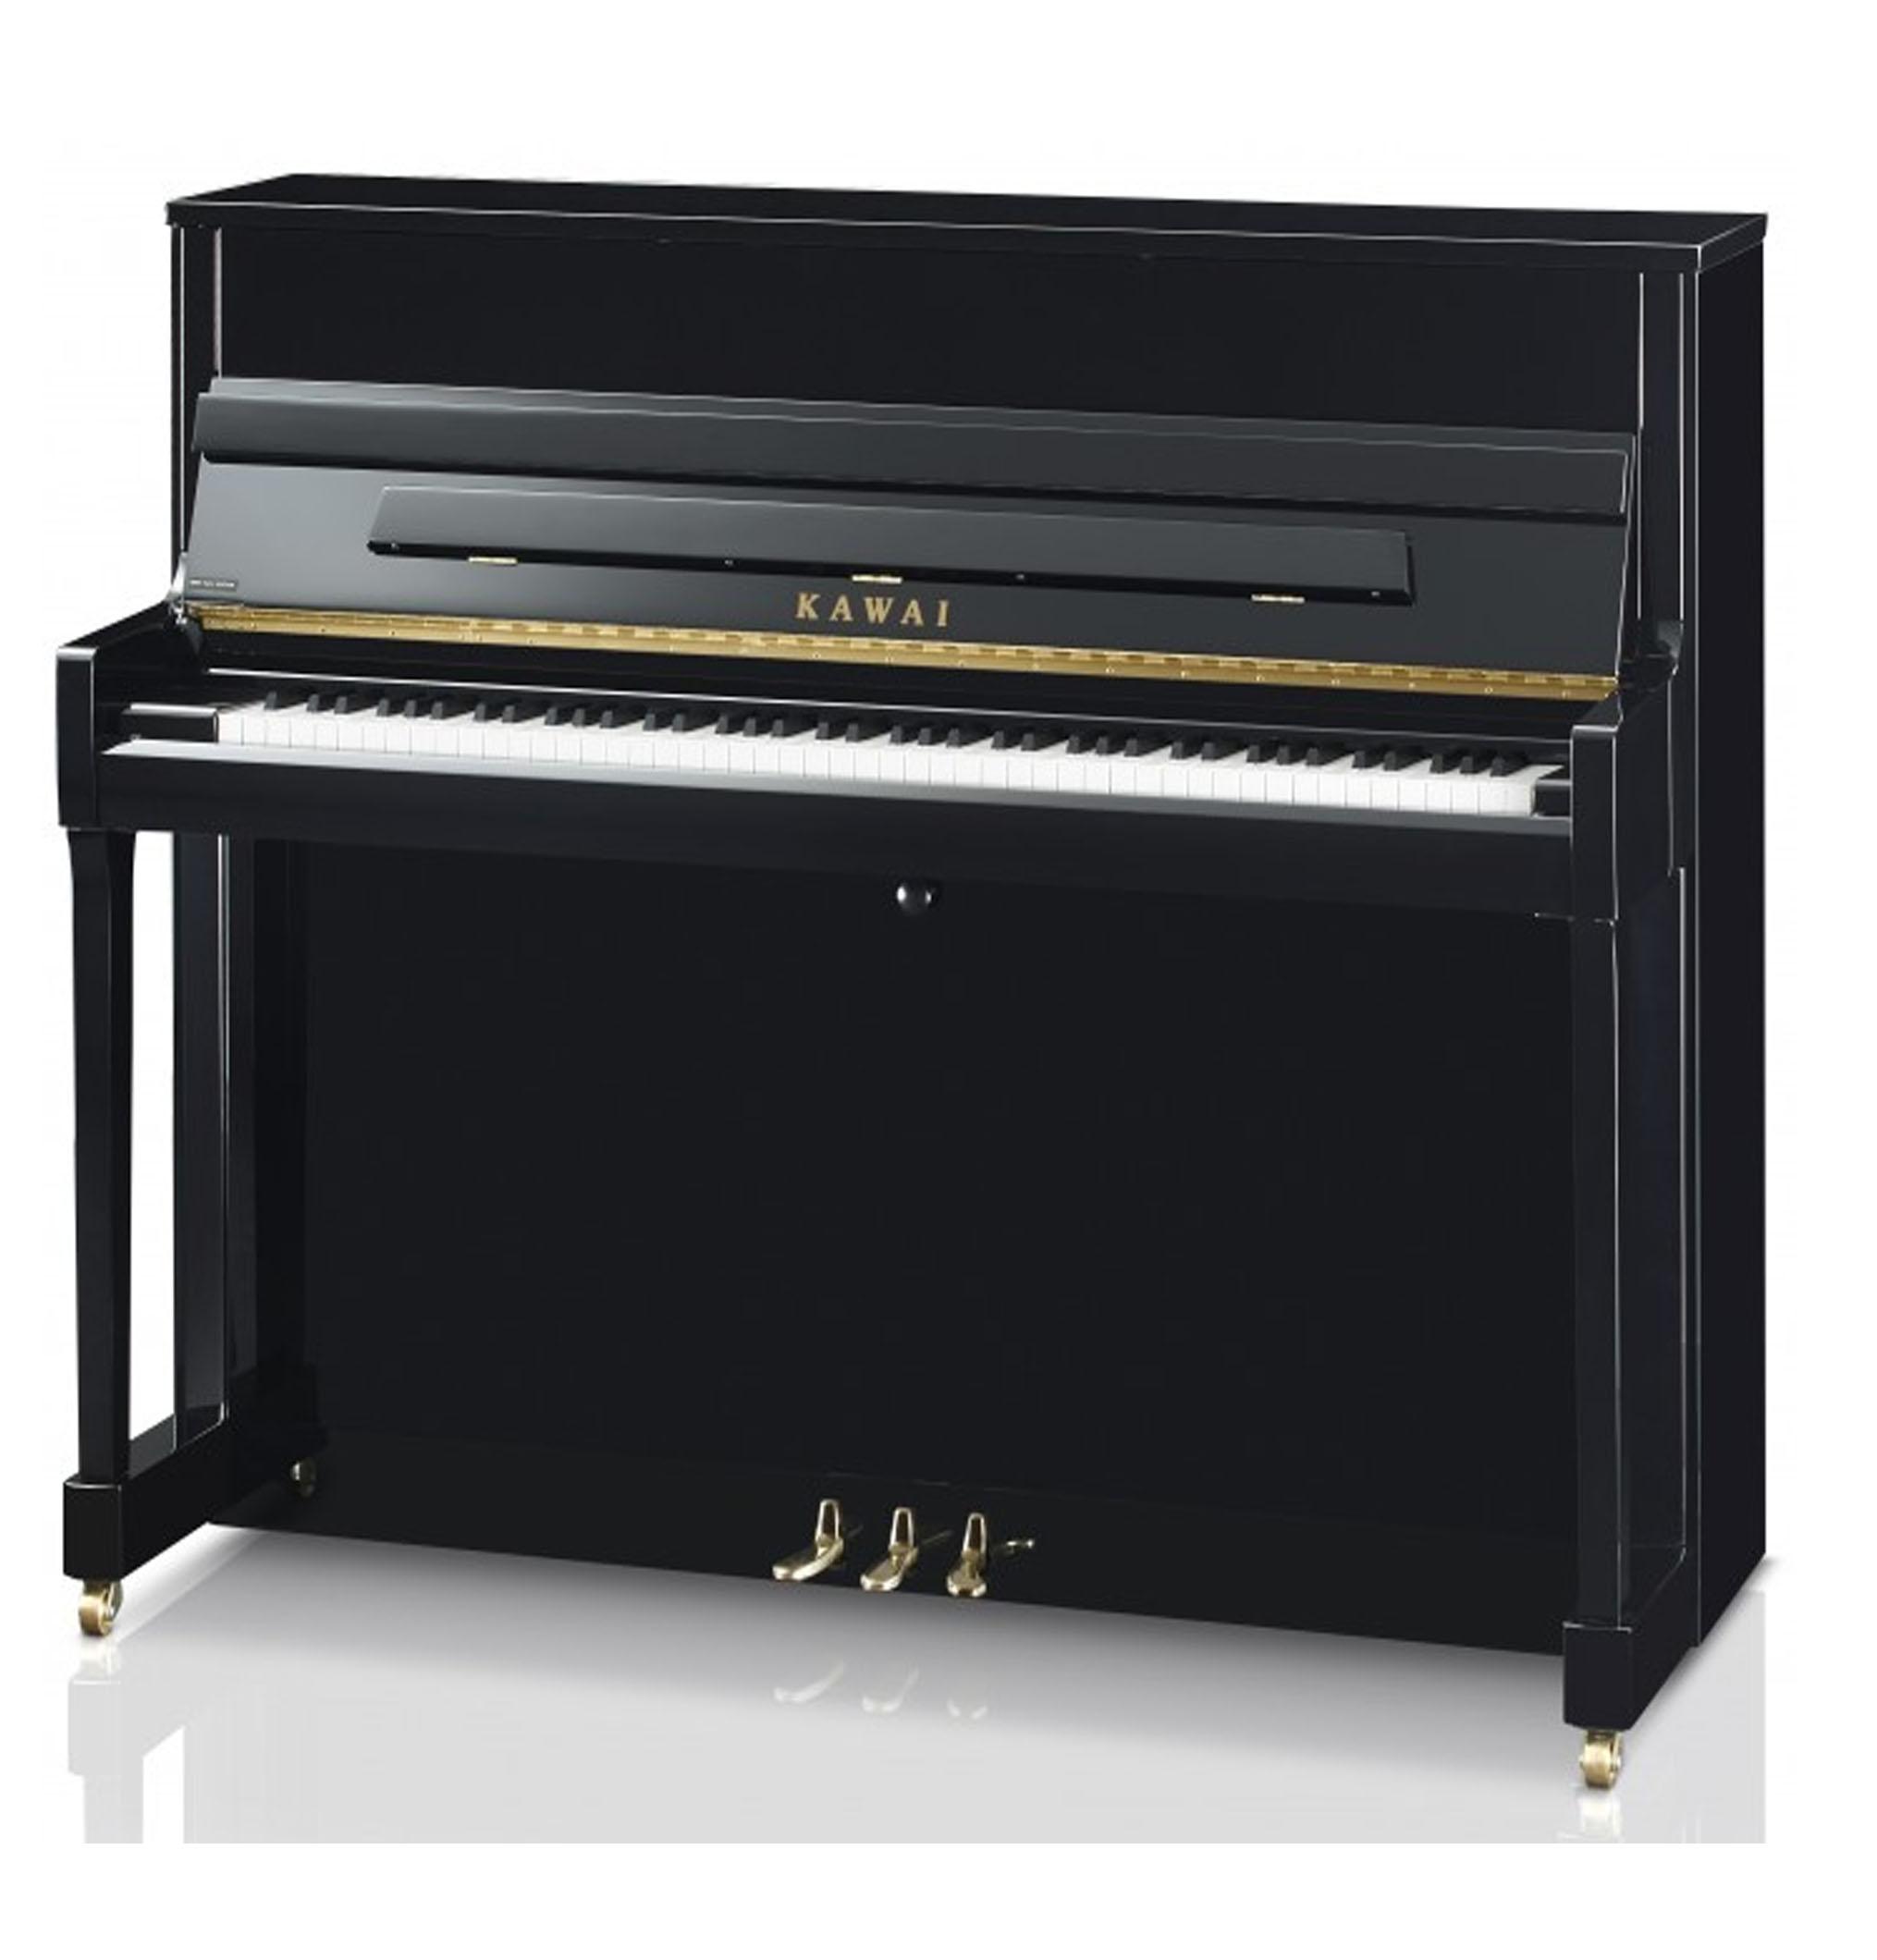 đàn piano kawai K-200